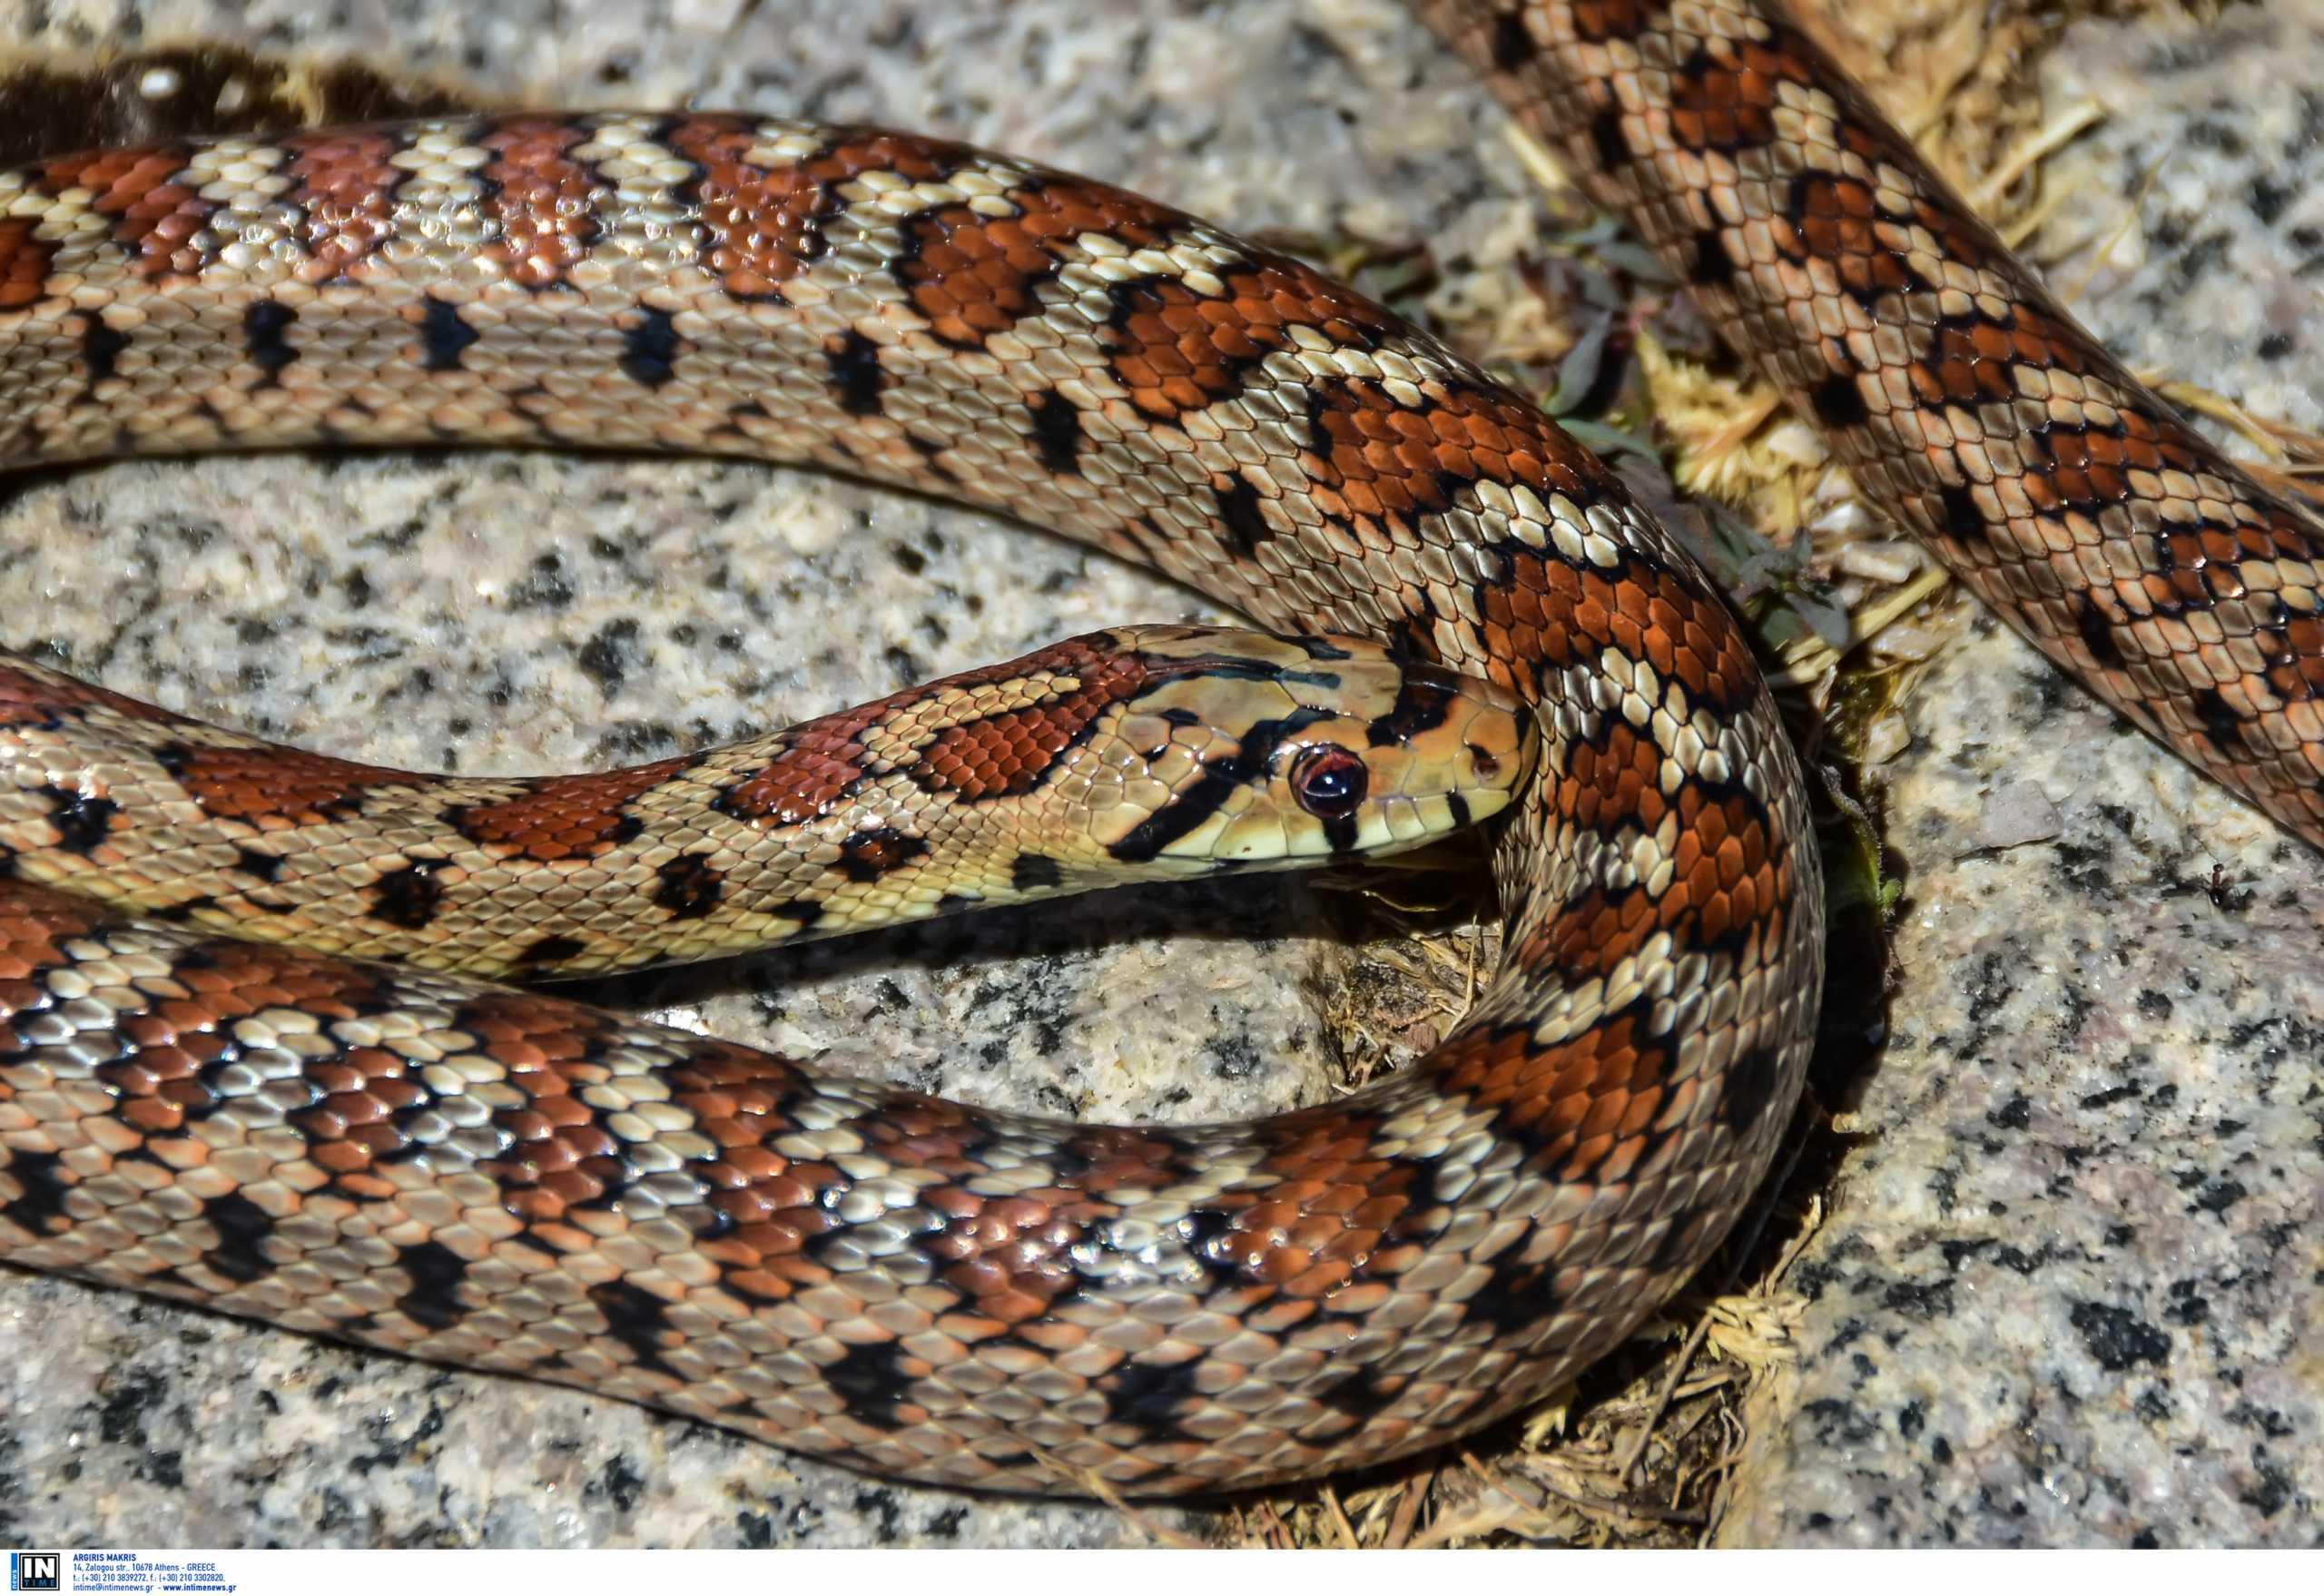 Βόλος: Το φίδι που τους «έκοψε το αίμα» – Άδειασε το σημείο που έκοβε βόλτες (pics)